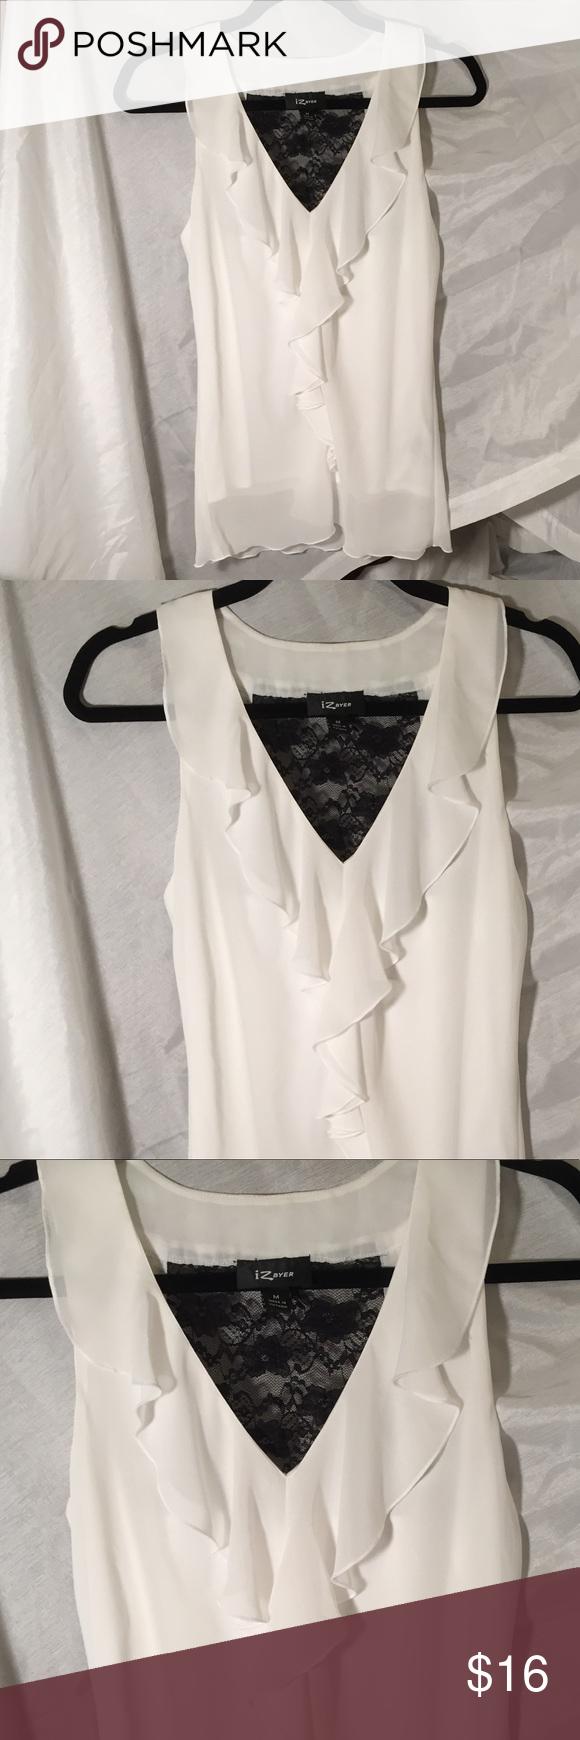 5cc79c503136b IZ Byer sleeveless ruffle blouse with lace Elegant ruffled blouse size  medium with black lace on the back. Wonderful condition ! Iz Byer Tops  Blouses